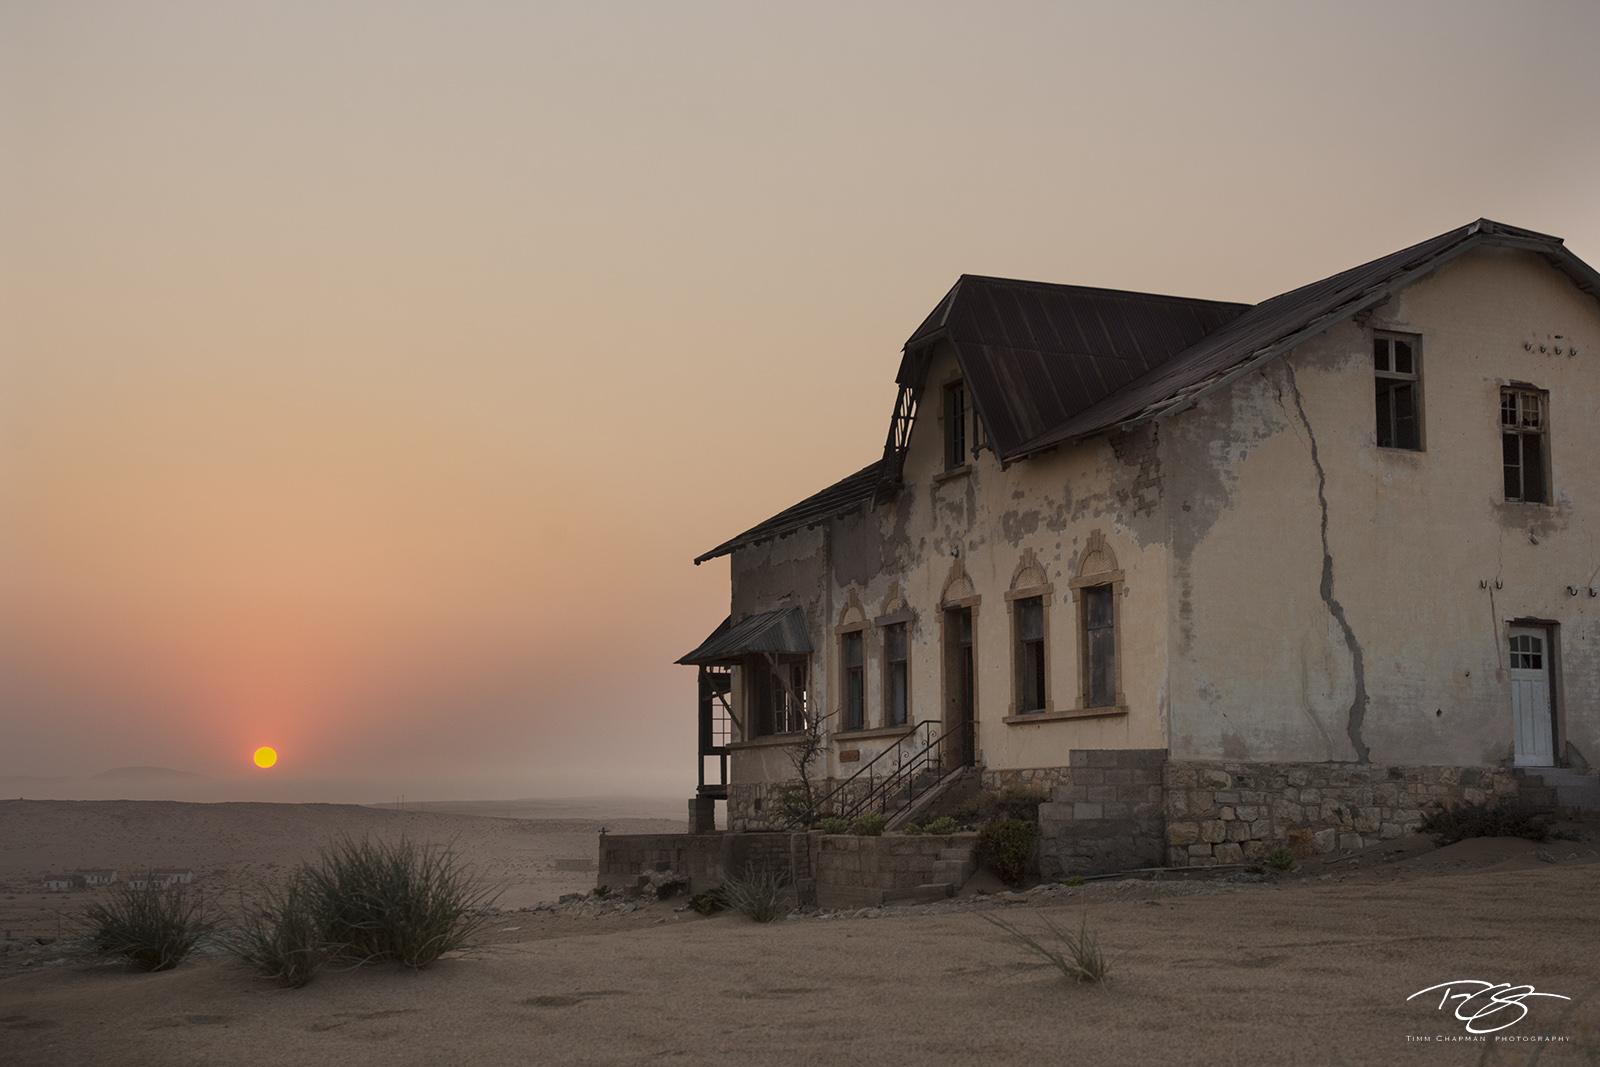 namibia, south west africa, namib desert, desert, sand, house, dunes, ghost town, kolmanskop, kolmanskuppe, luderitz, abandoned, town, diamond mining, flooded, homes, home, abandoned, derelict, photo